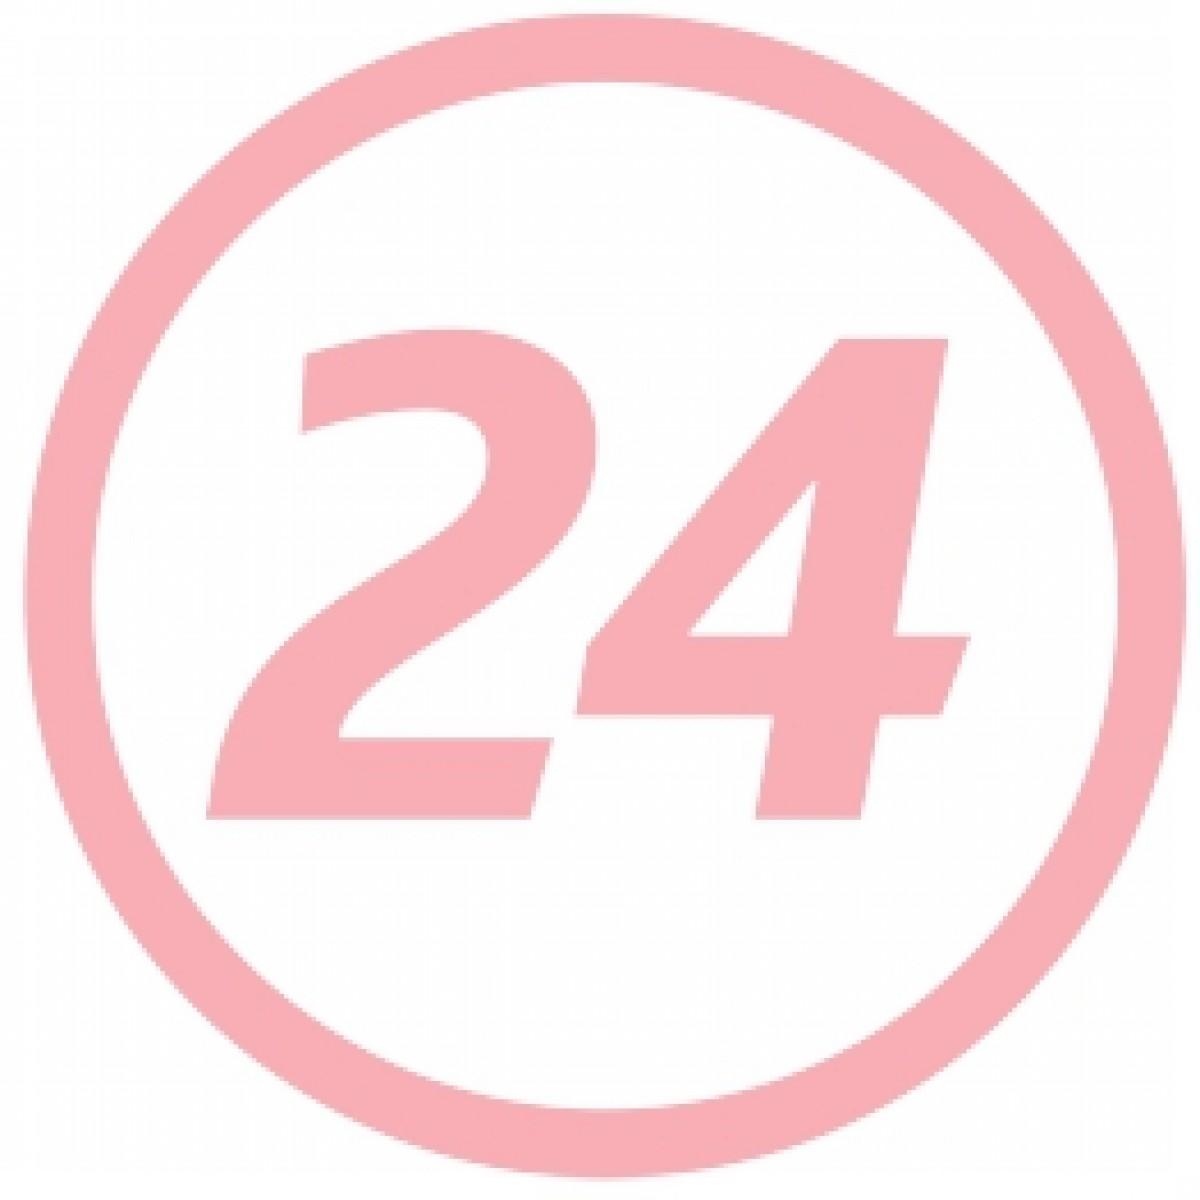 Trusa Vichy Slow Age Fluid Antirid Pentru Toate Tipurile De Ten SPF25, 50ml + Crema Contur Ochi Slow Age, 15ml